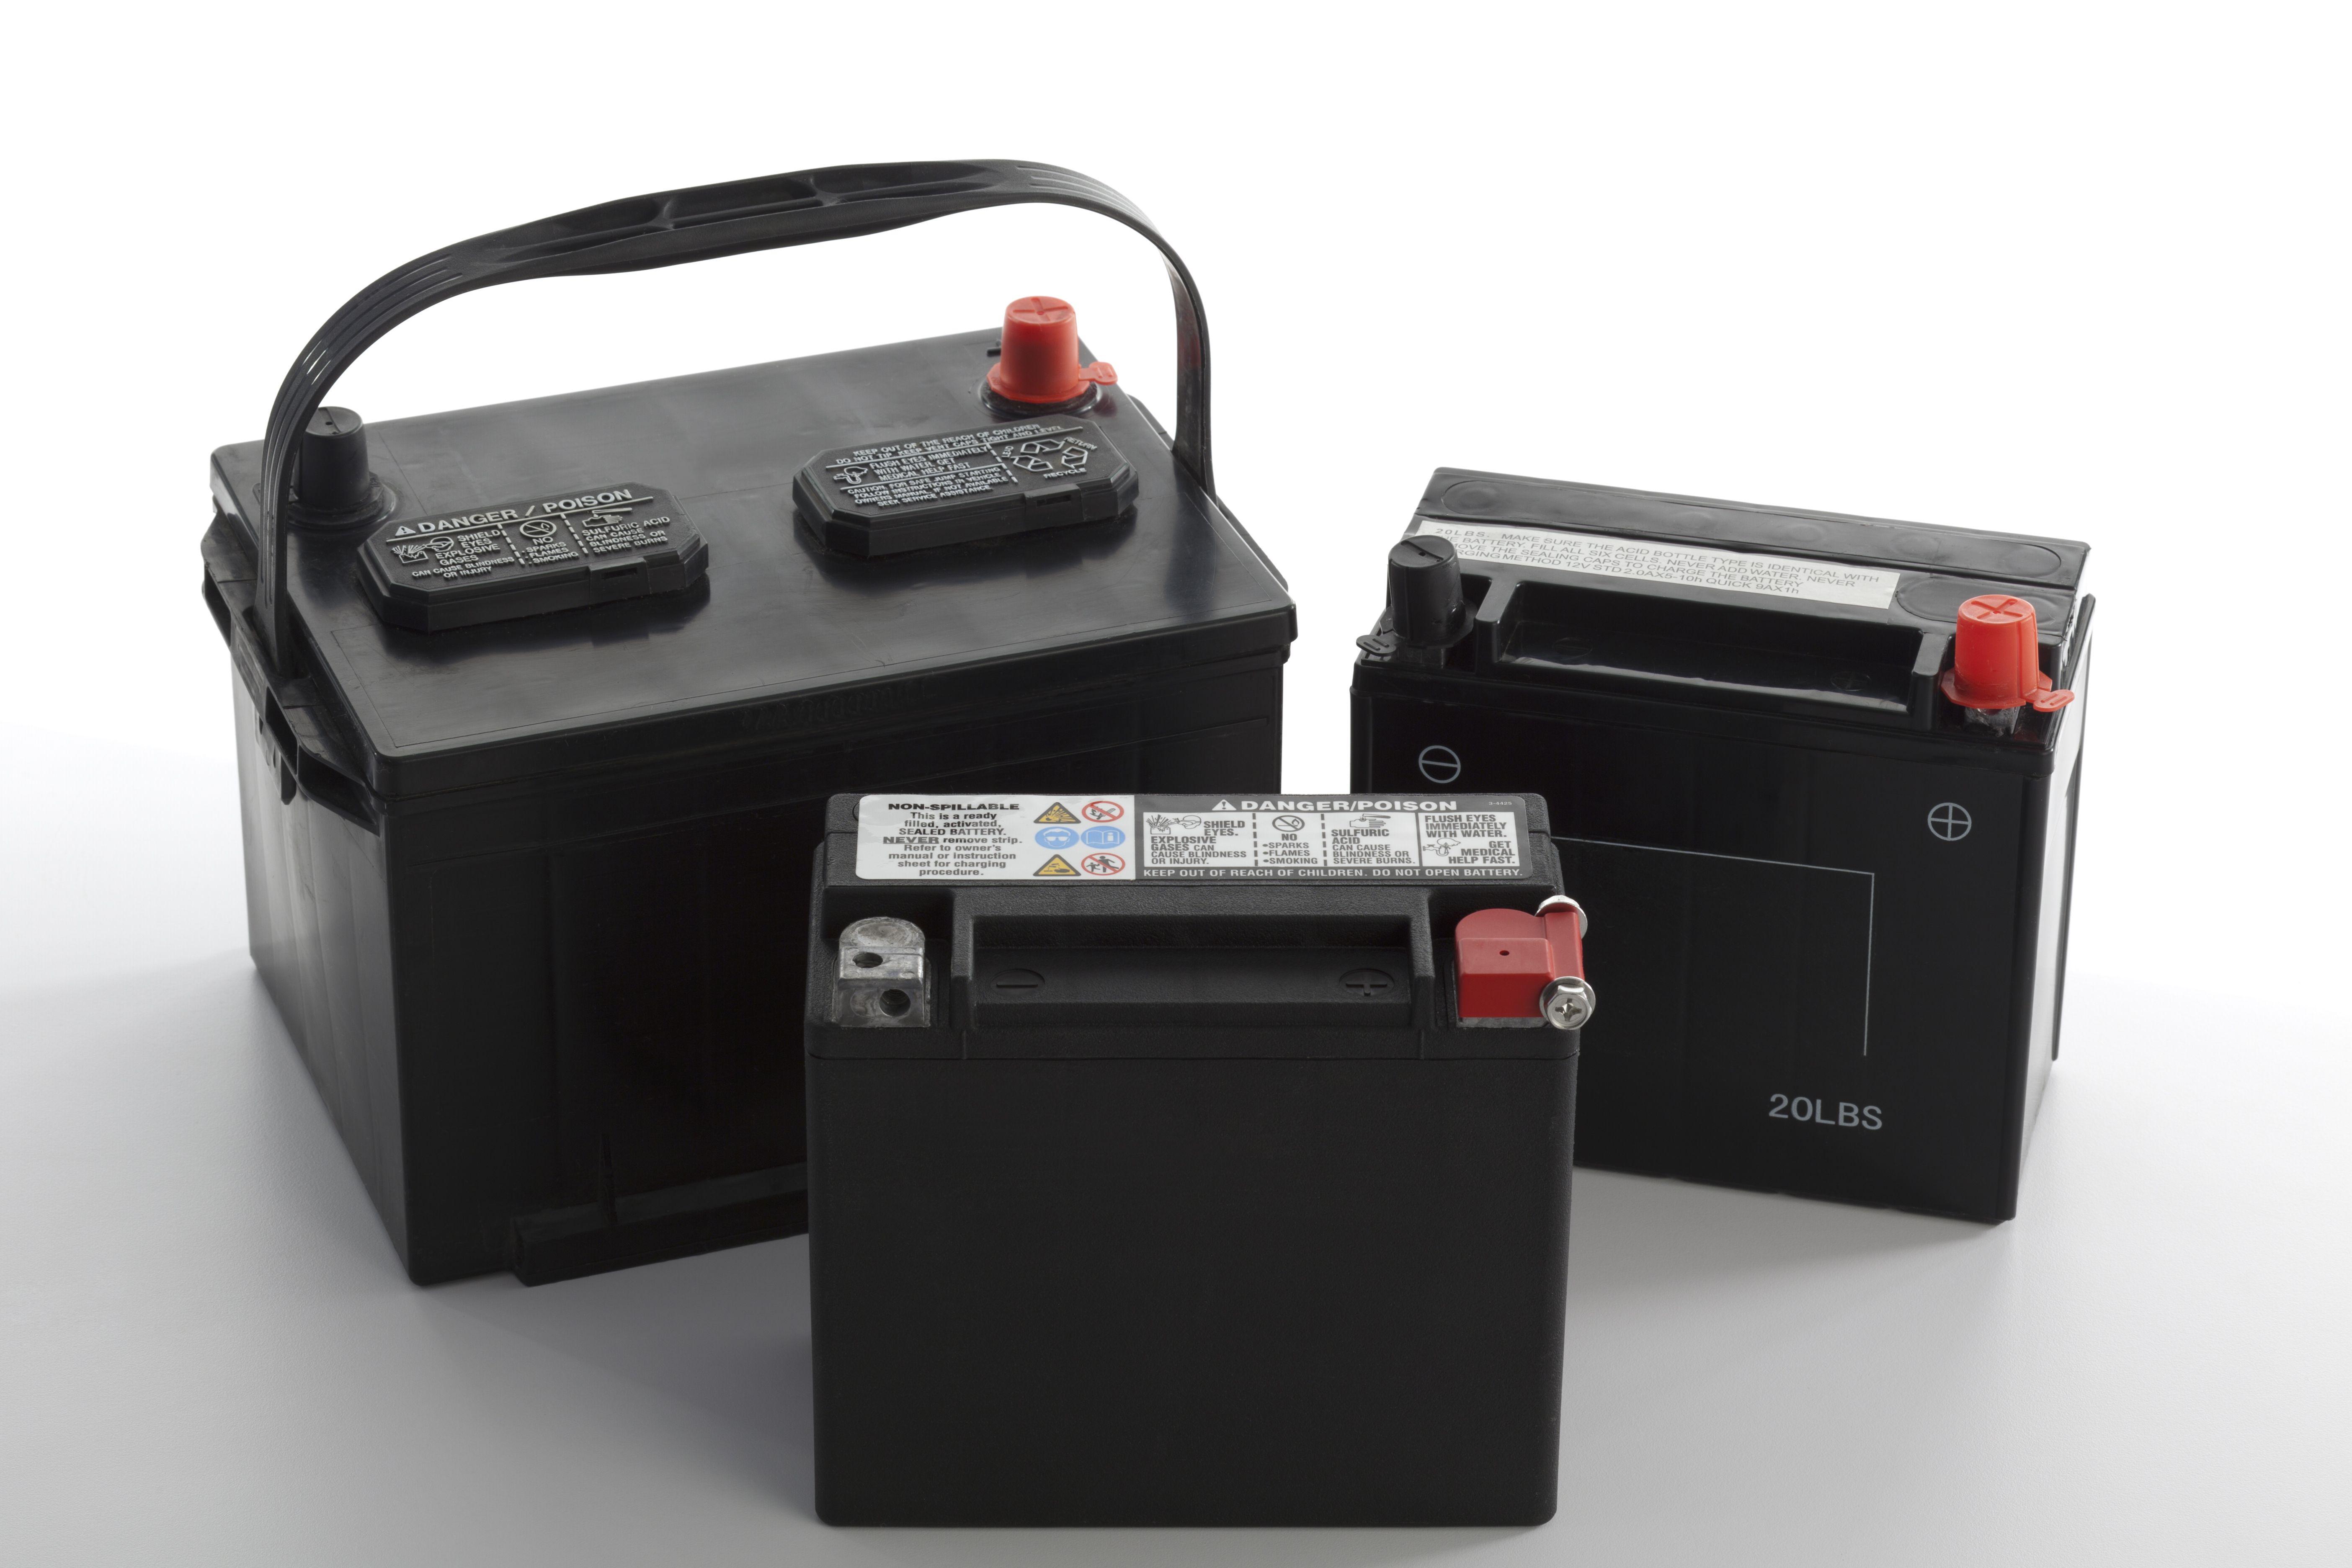 Baterías de automoción: Servicios de Reciclados Raya